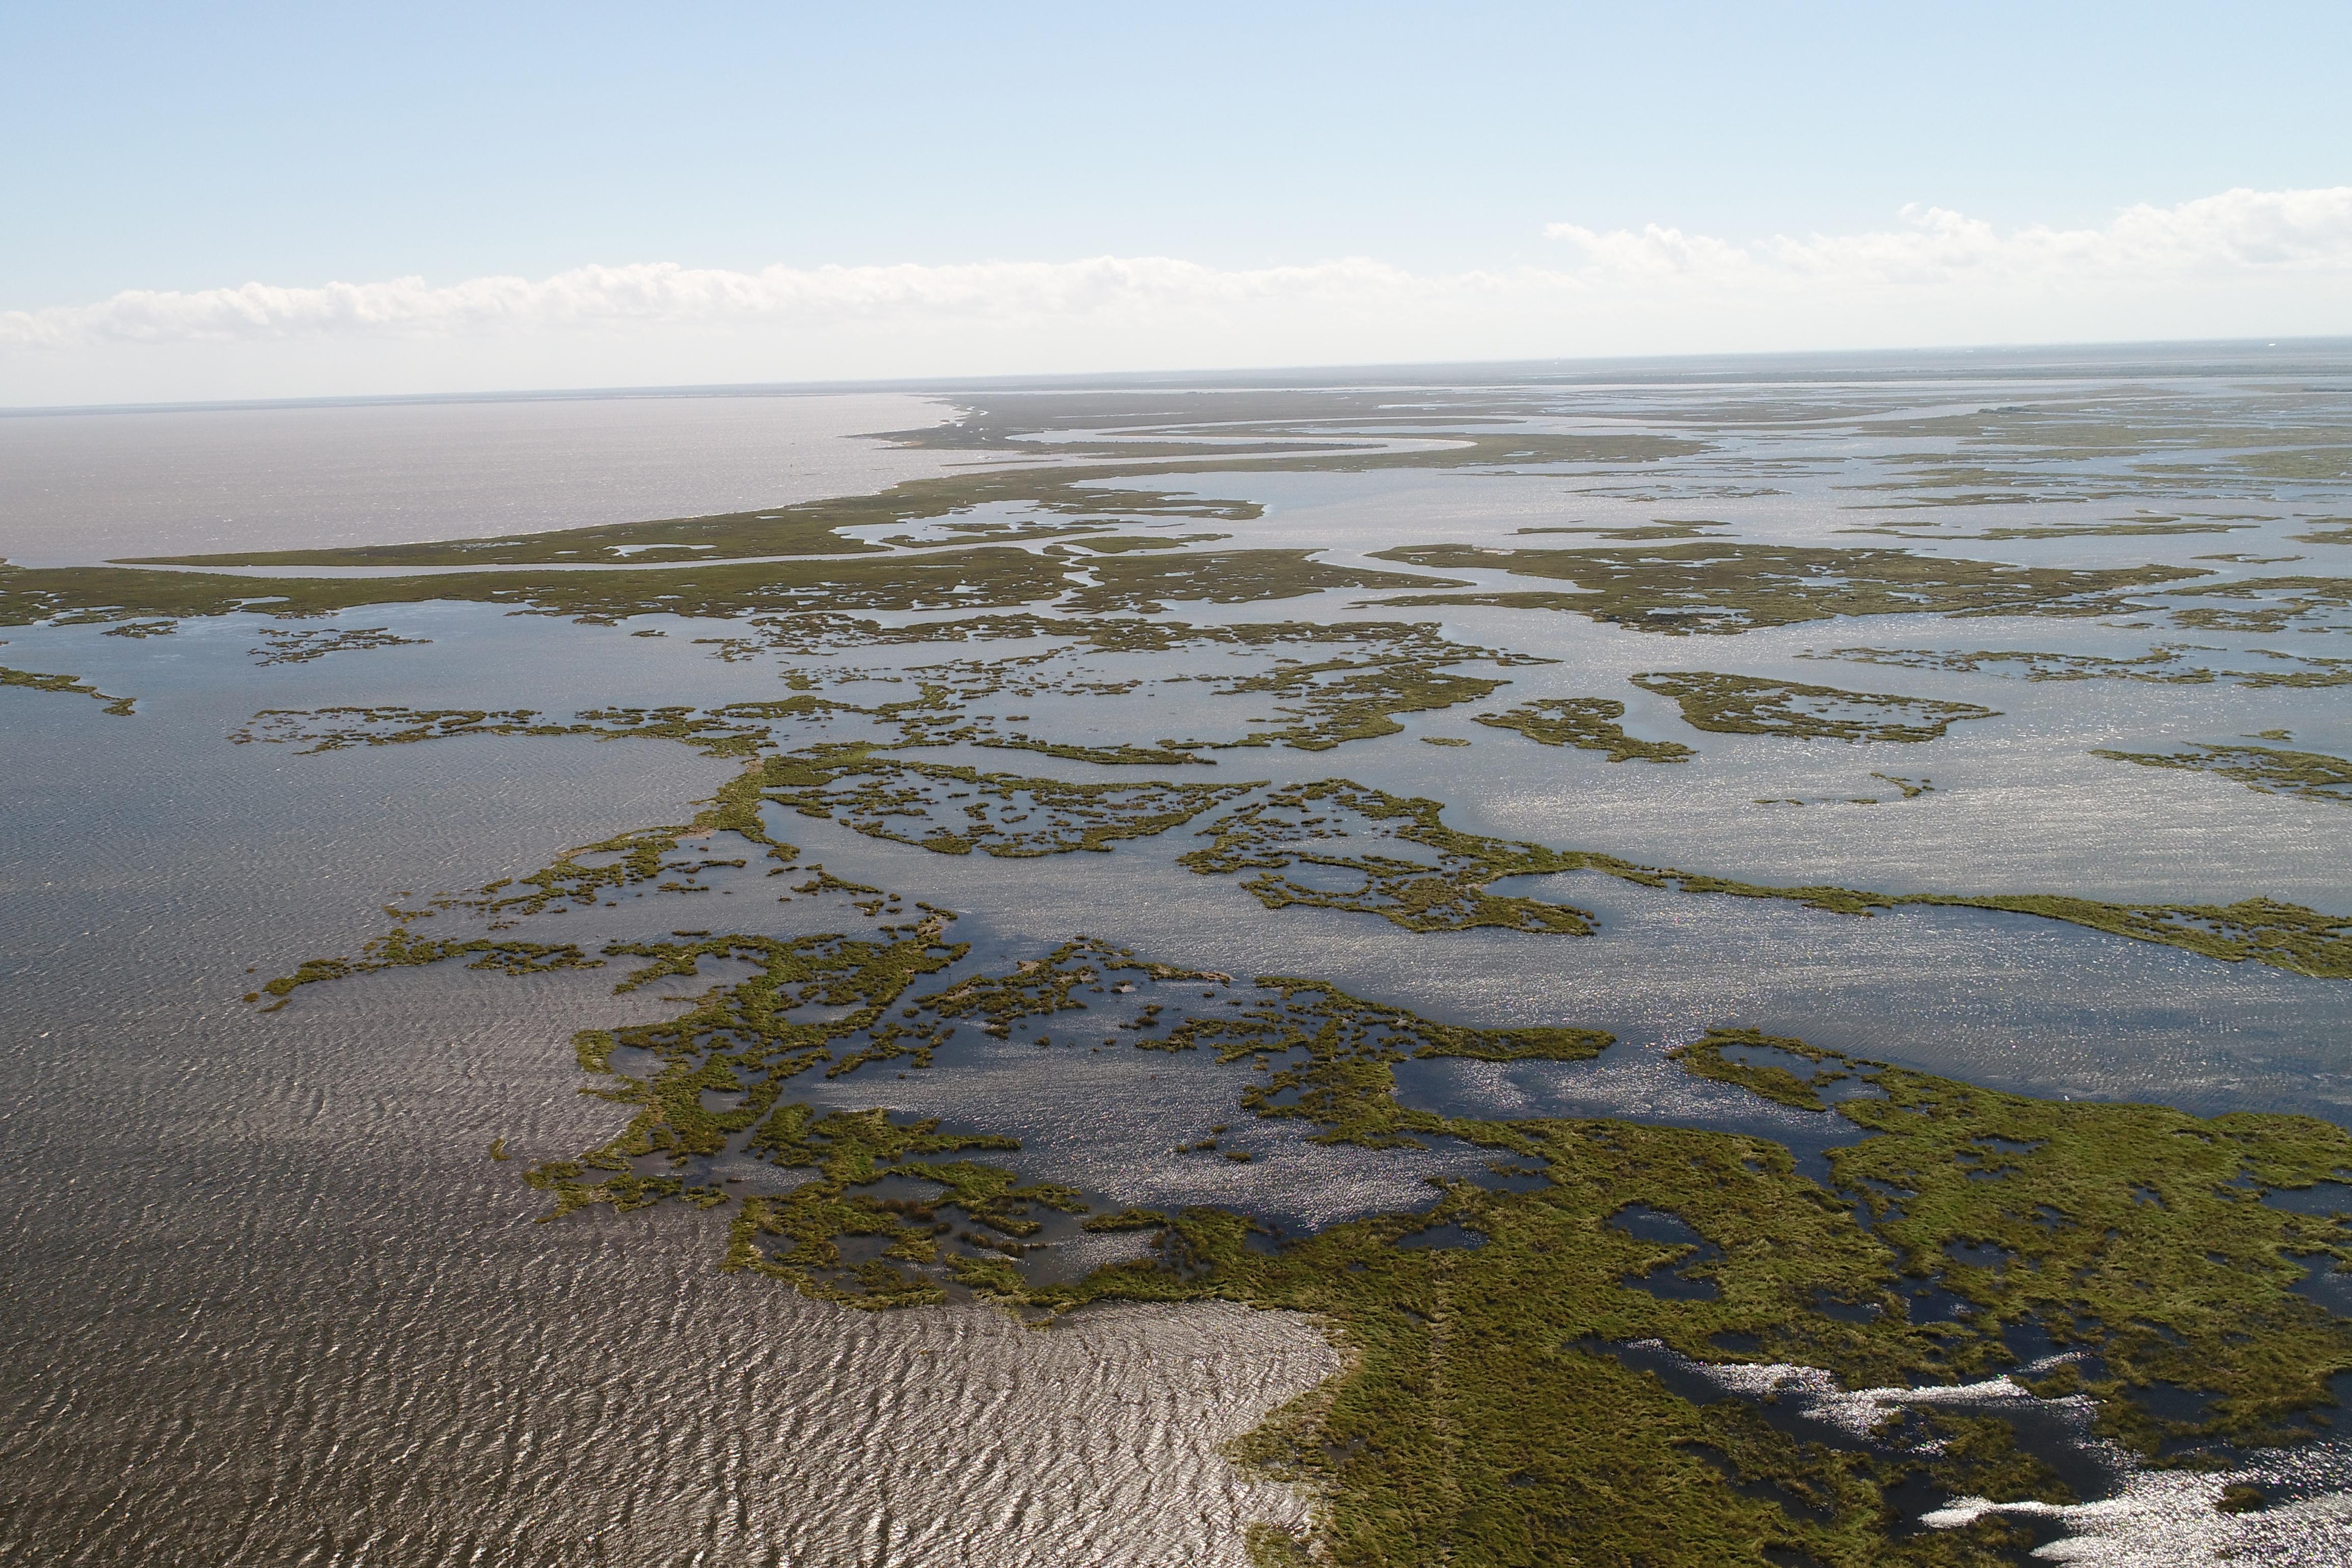 Aerial view of the Lake Borgne area of Louisiana's Barataria Basin.